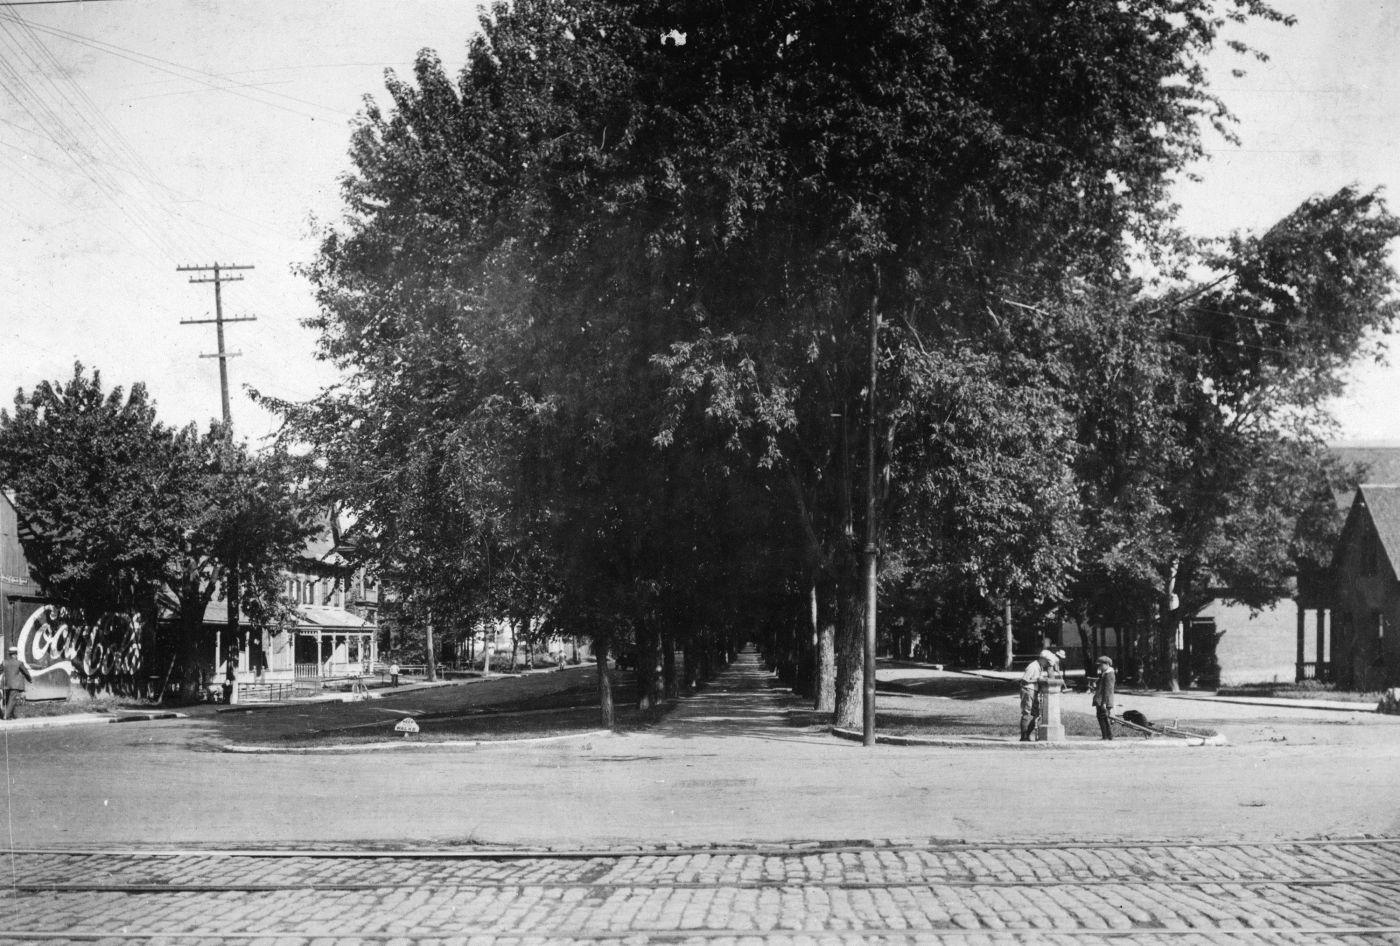 Photographie en noir et blanc d'un boulevard à deux voies, séparé par une travée de grands ormes. Des maisons bordent la rue. Deux jeunes boivent à une fontaine.